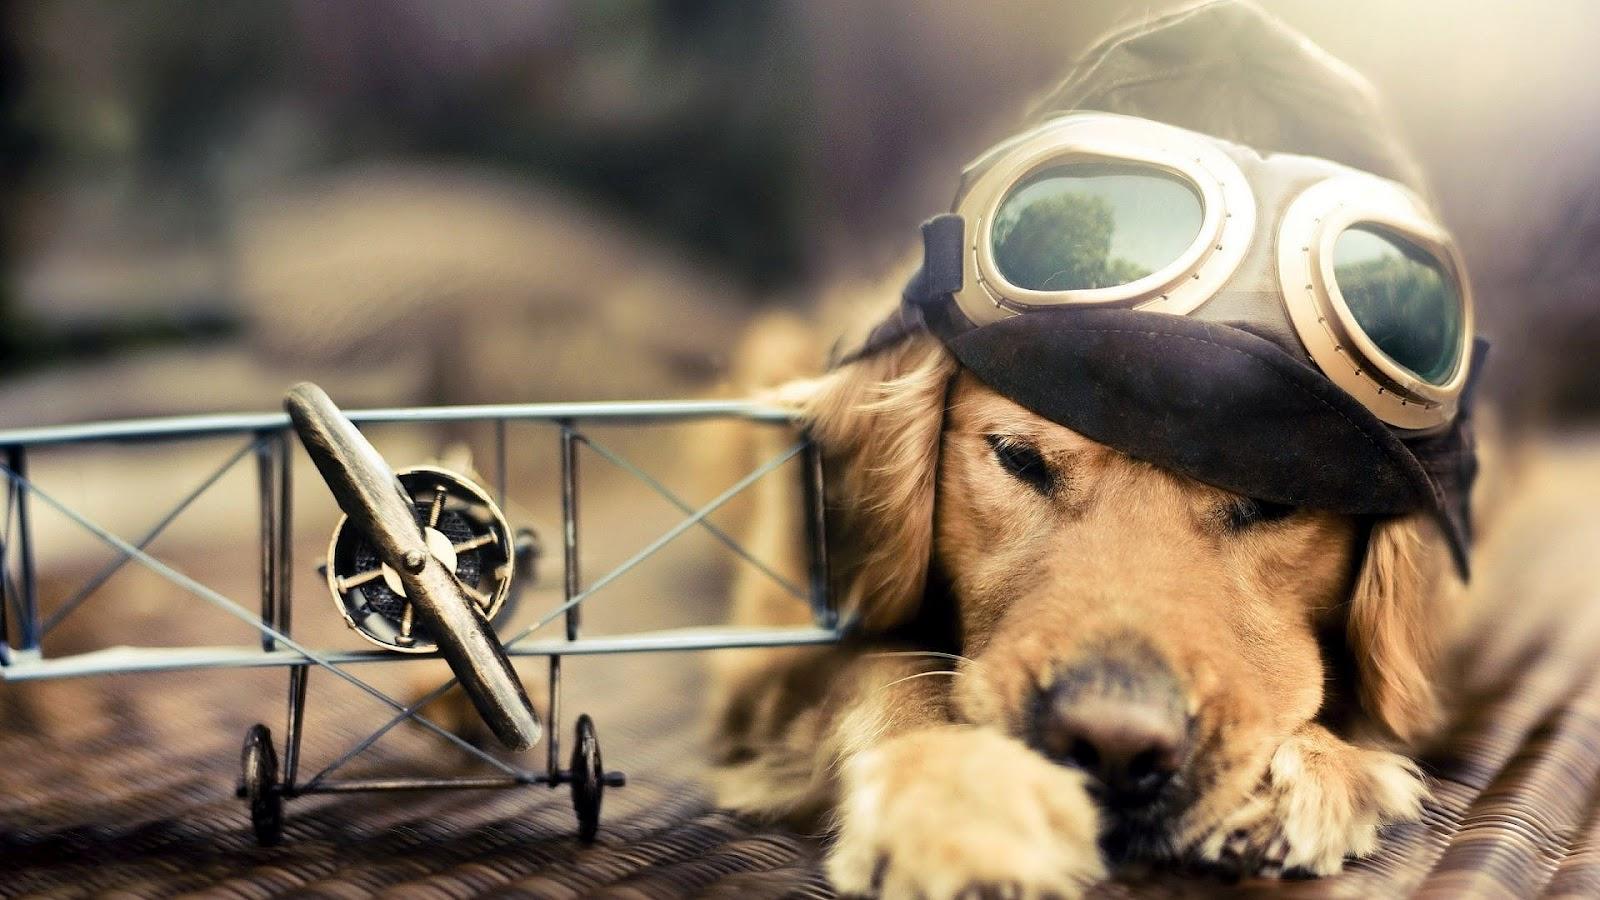 Honden achtergrond met een hond, vliegtuig pet en bril | hd honden